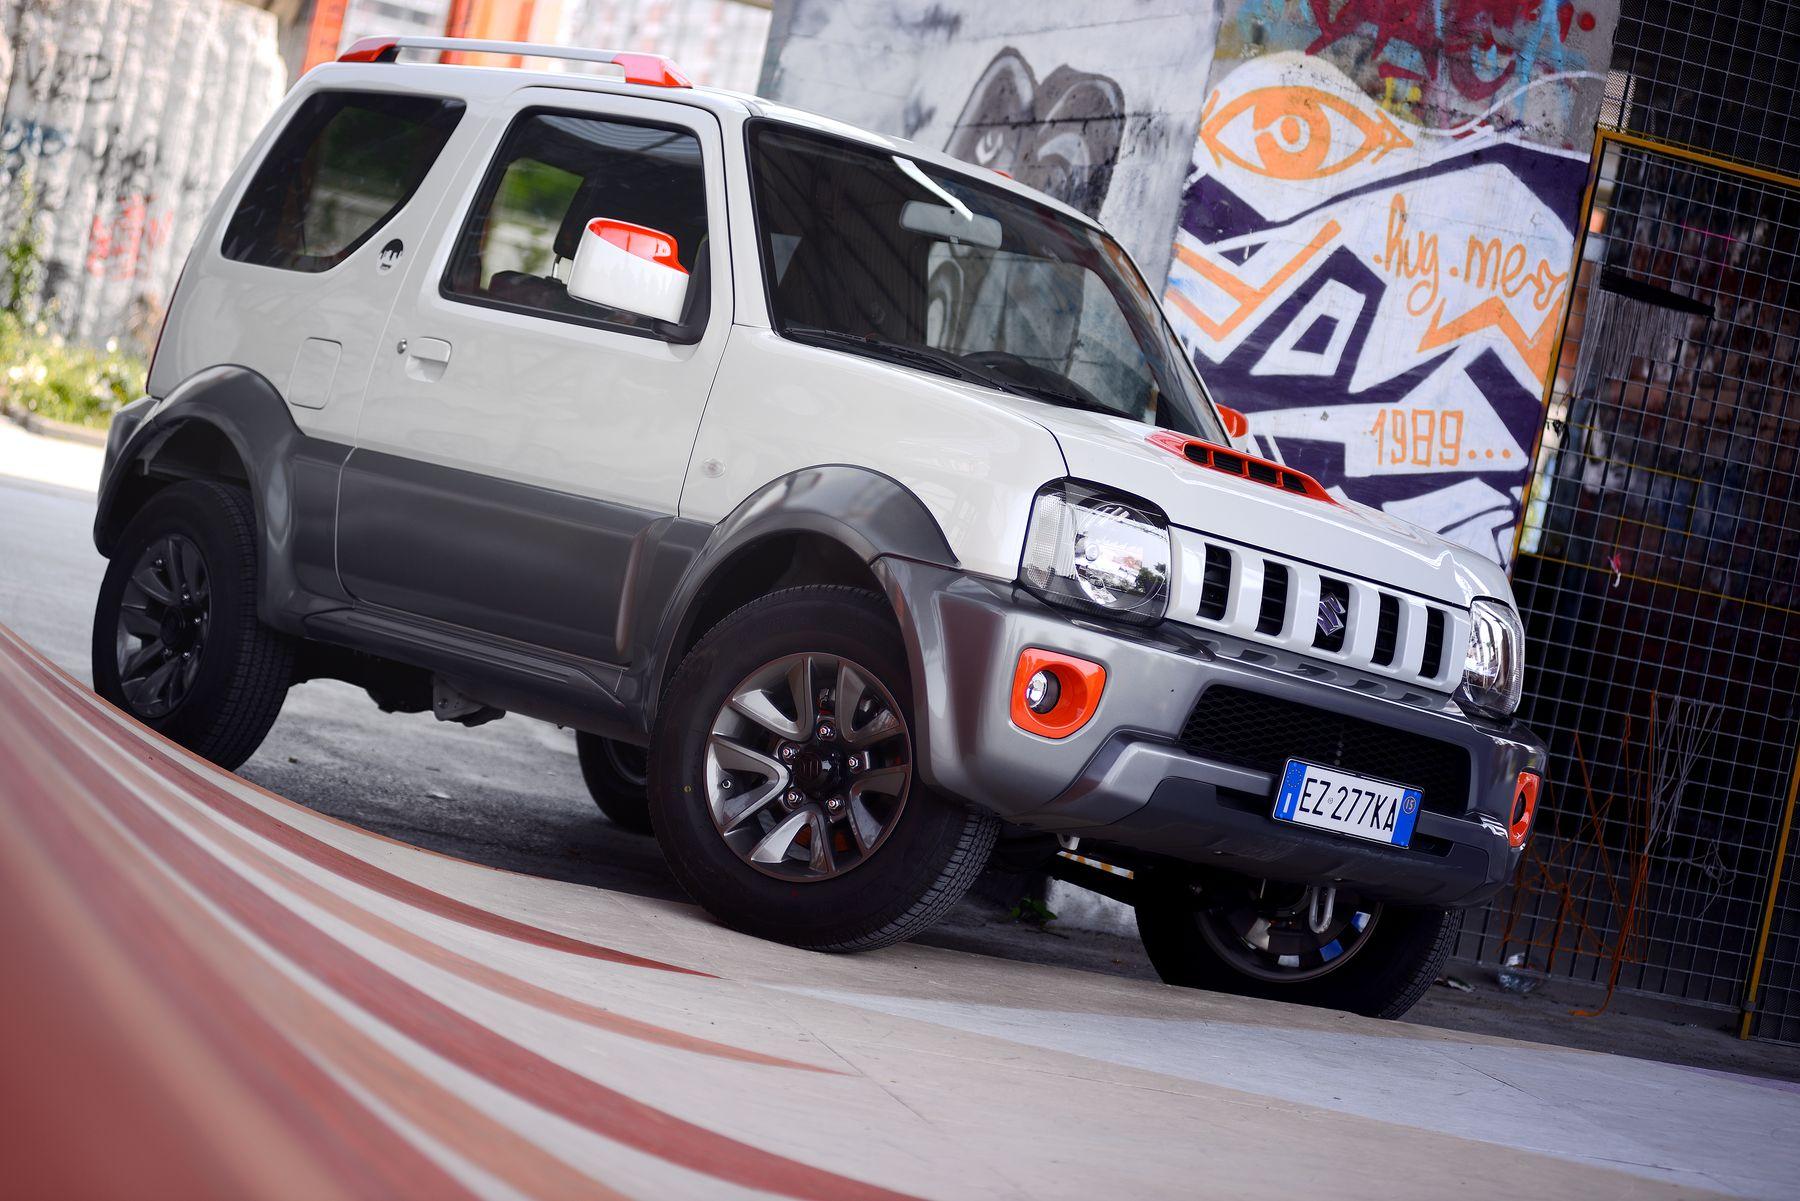 Suzuki Jimny Street sfida la città